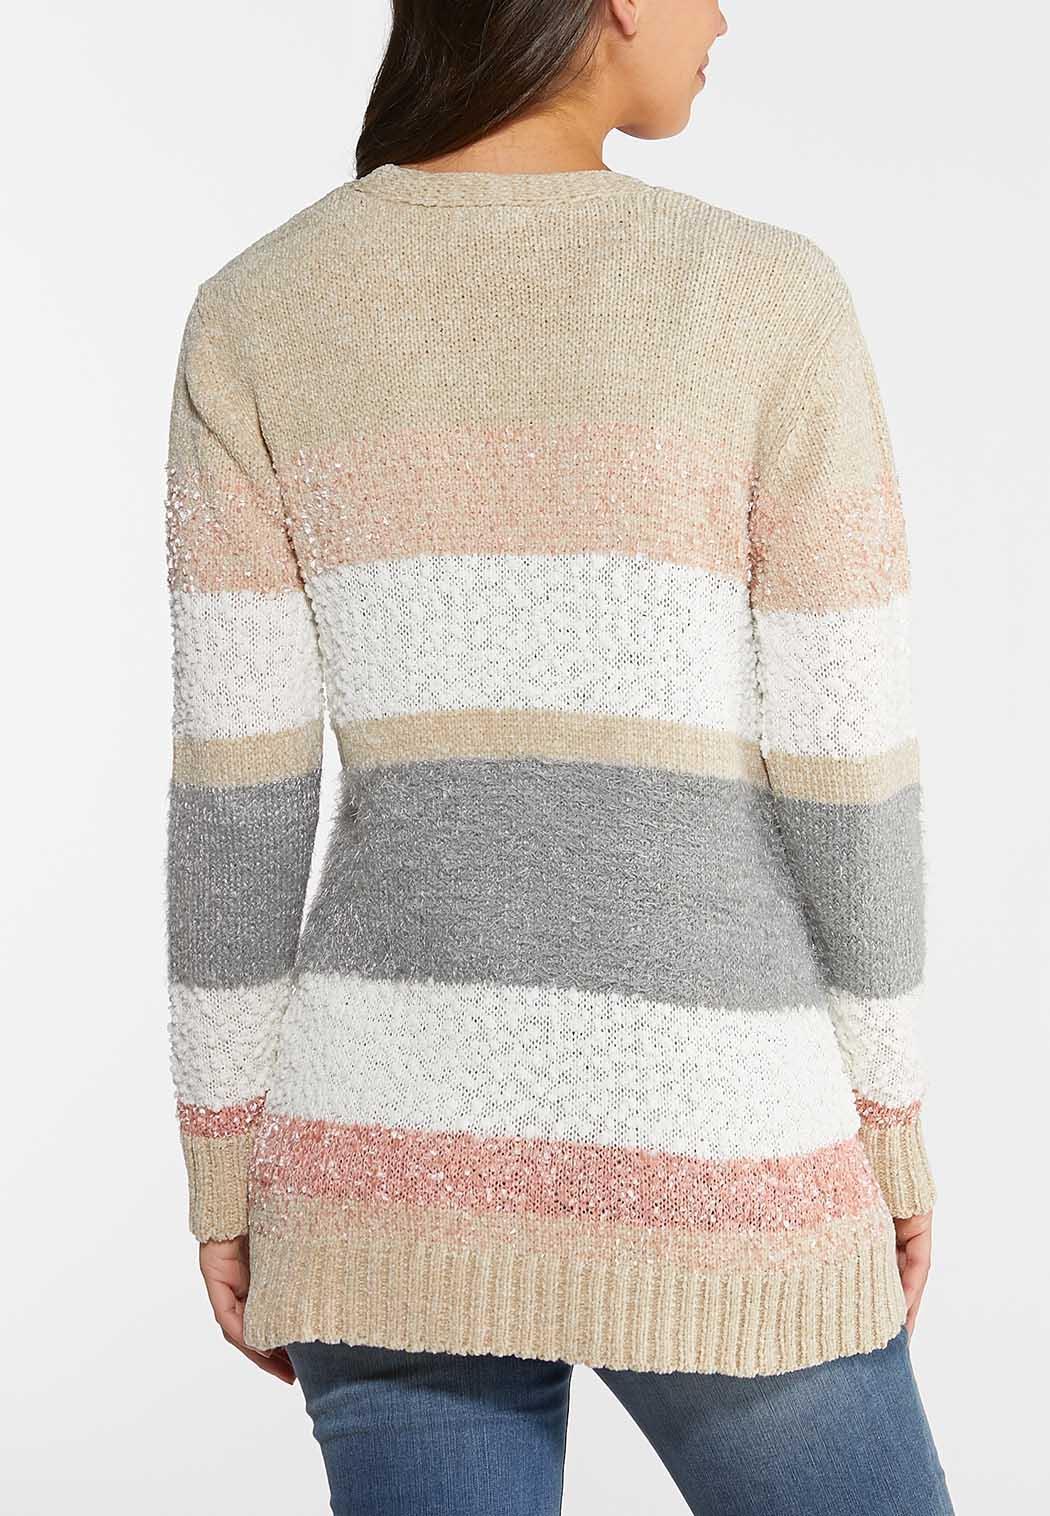 Colorblock Chenille Cardigan (Item #43993942)